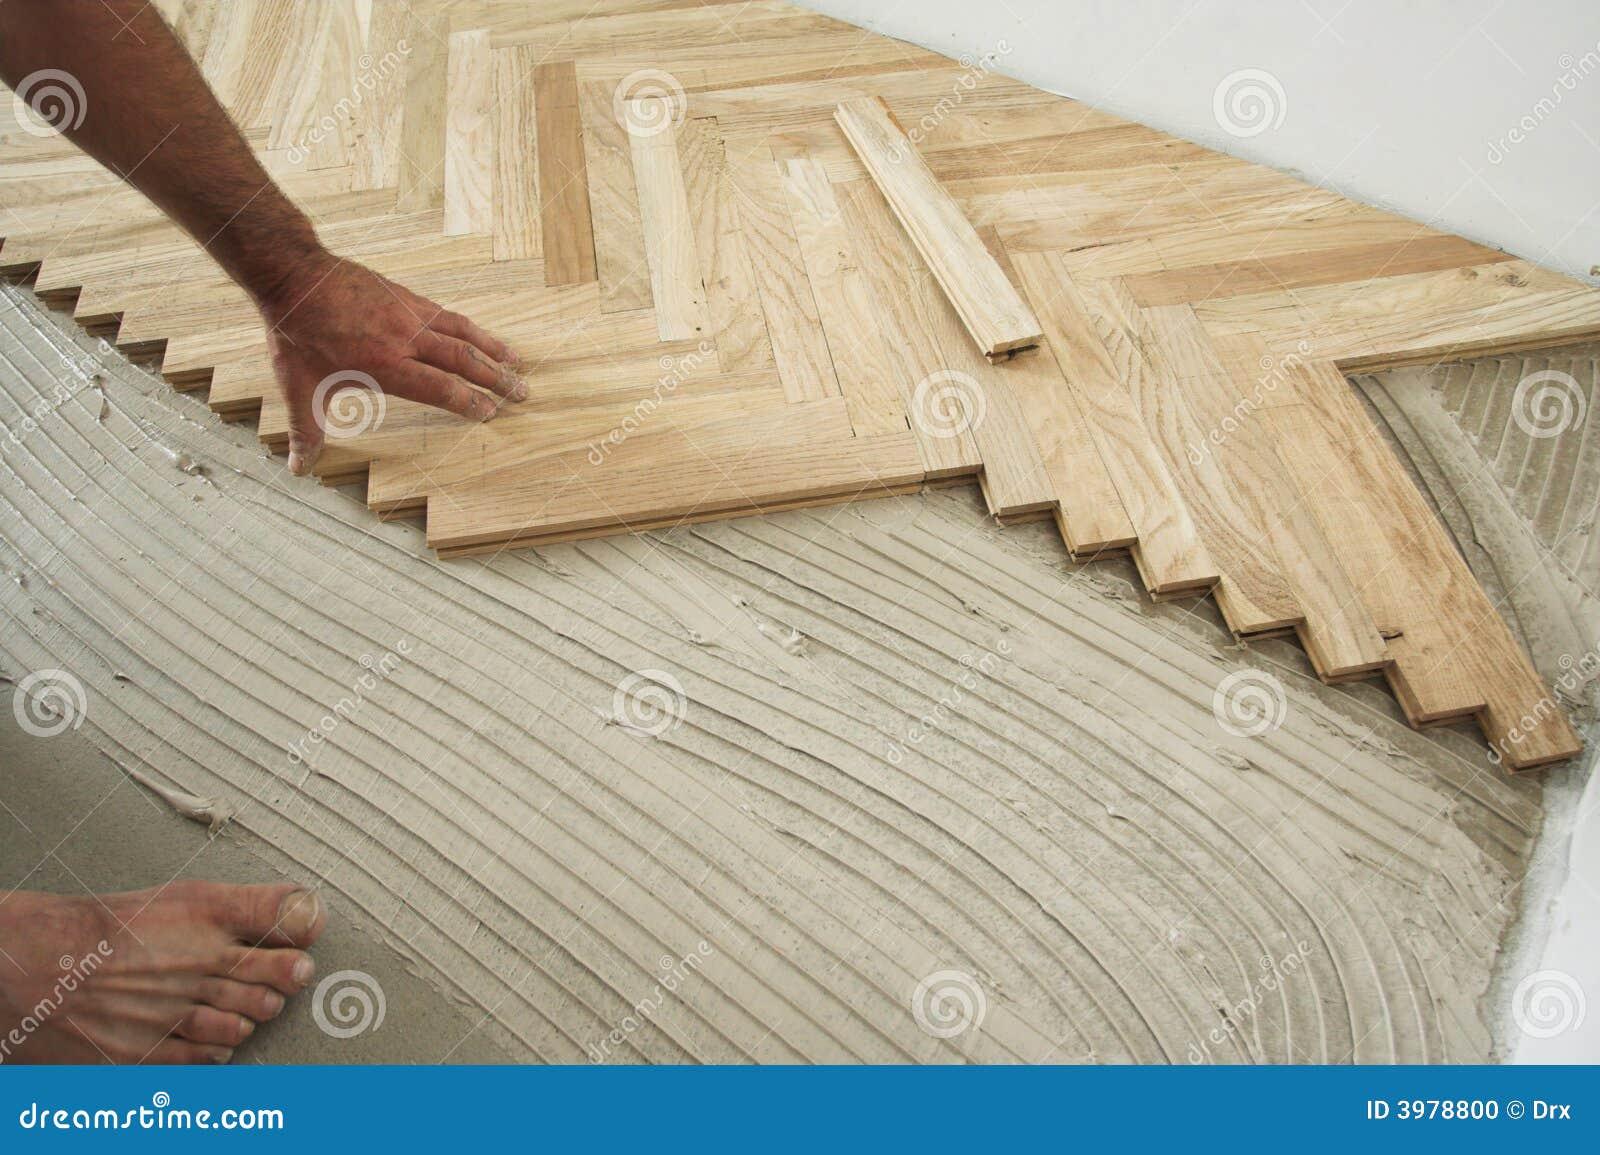 Assoalho e carpinteiro de parquet